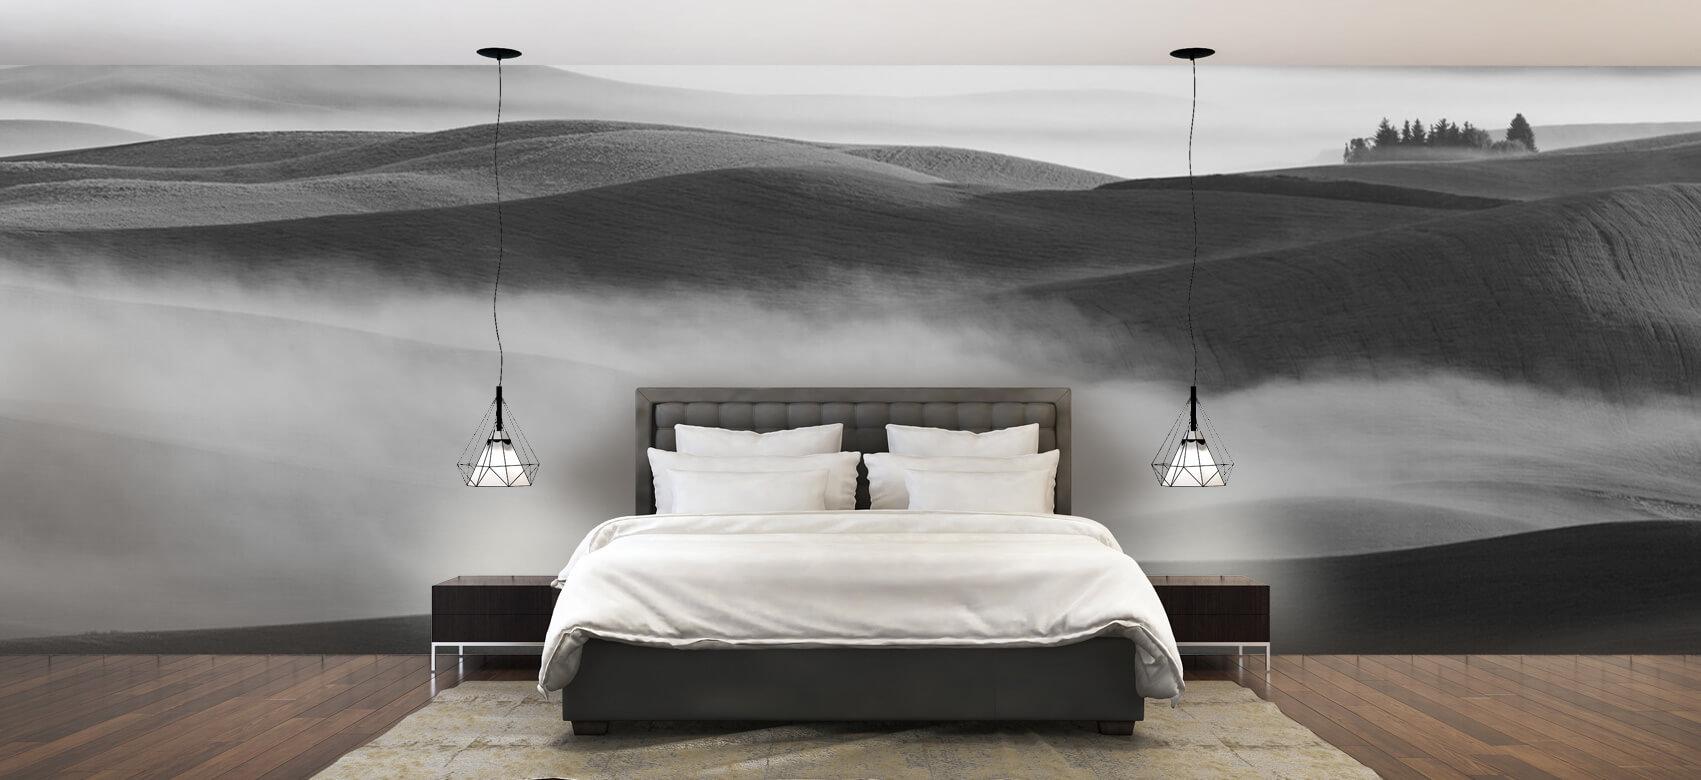 Dream Land in Morning Mist 2